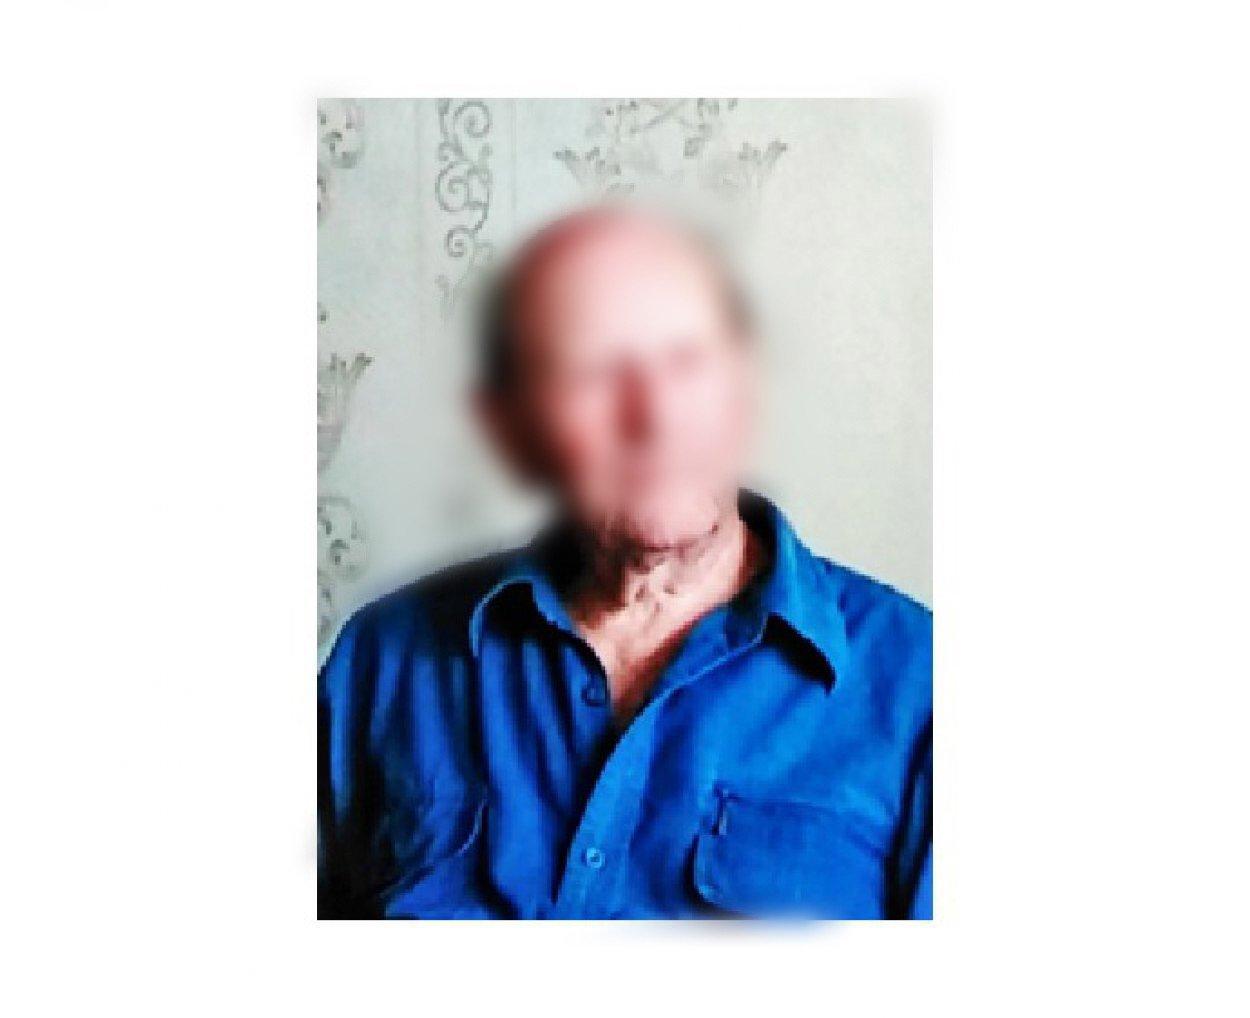 В Орске нашли пропавшего 84-летнего пенсионера